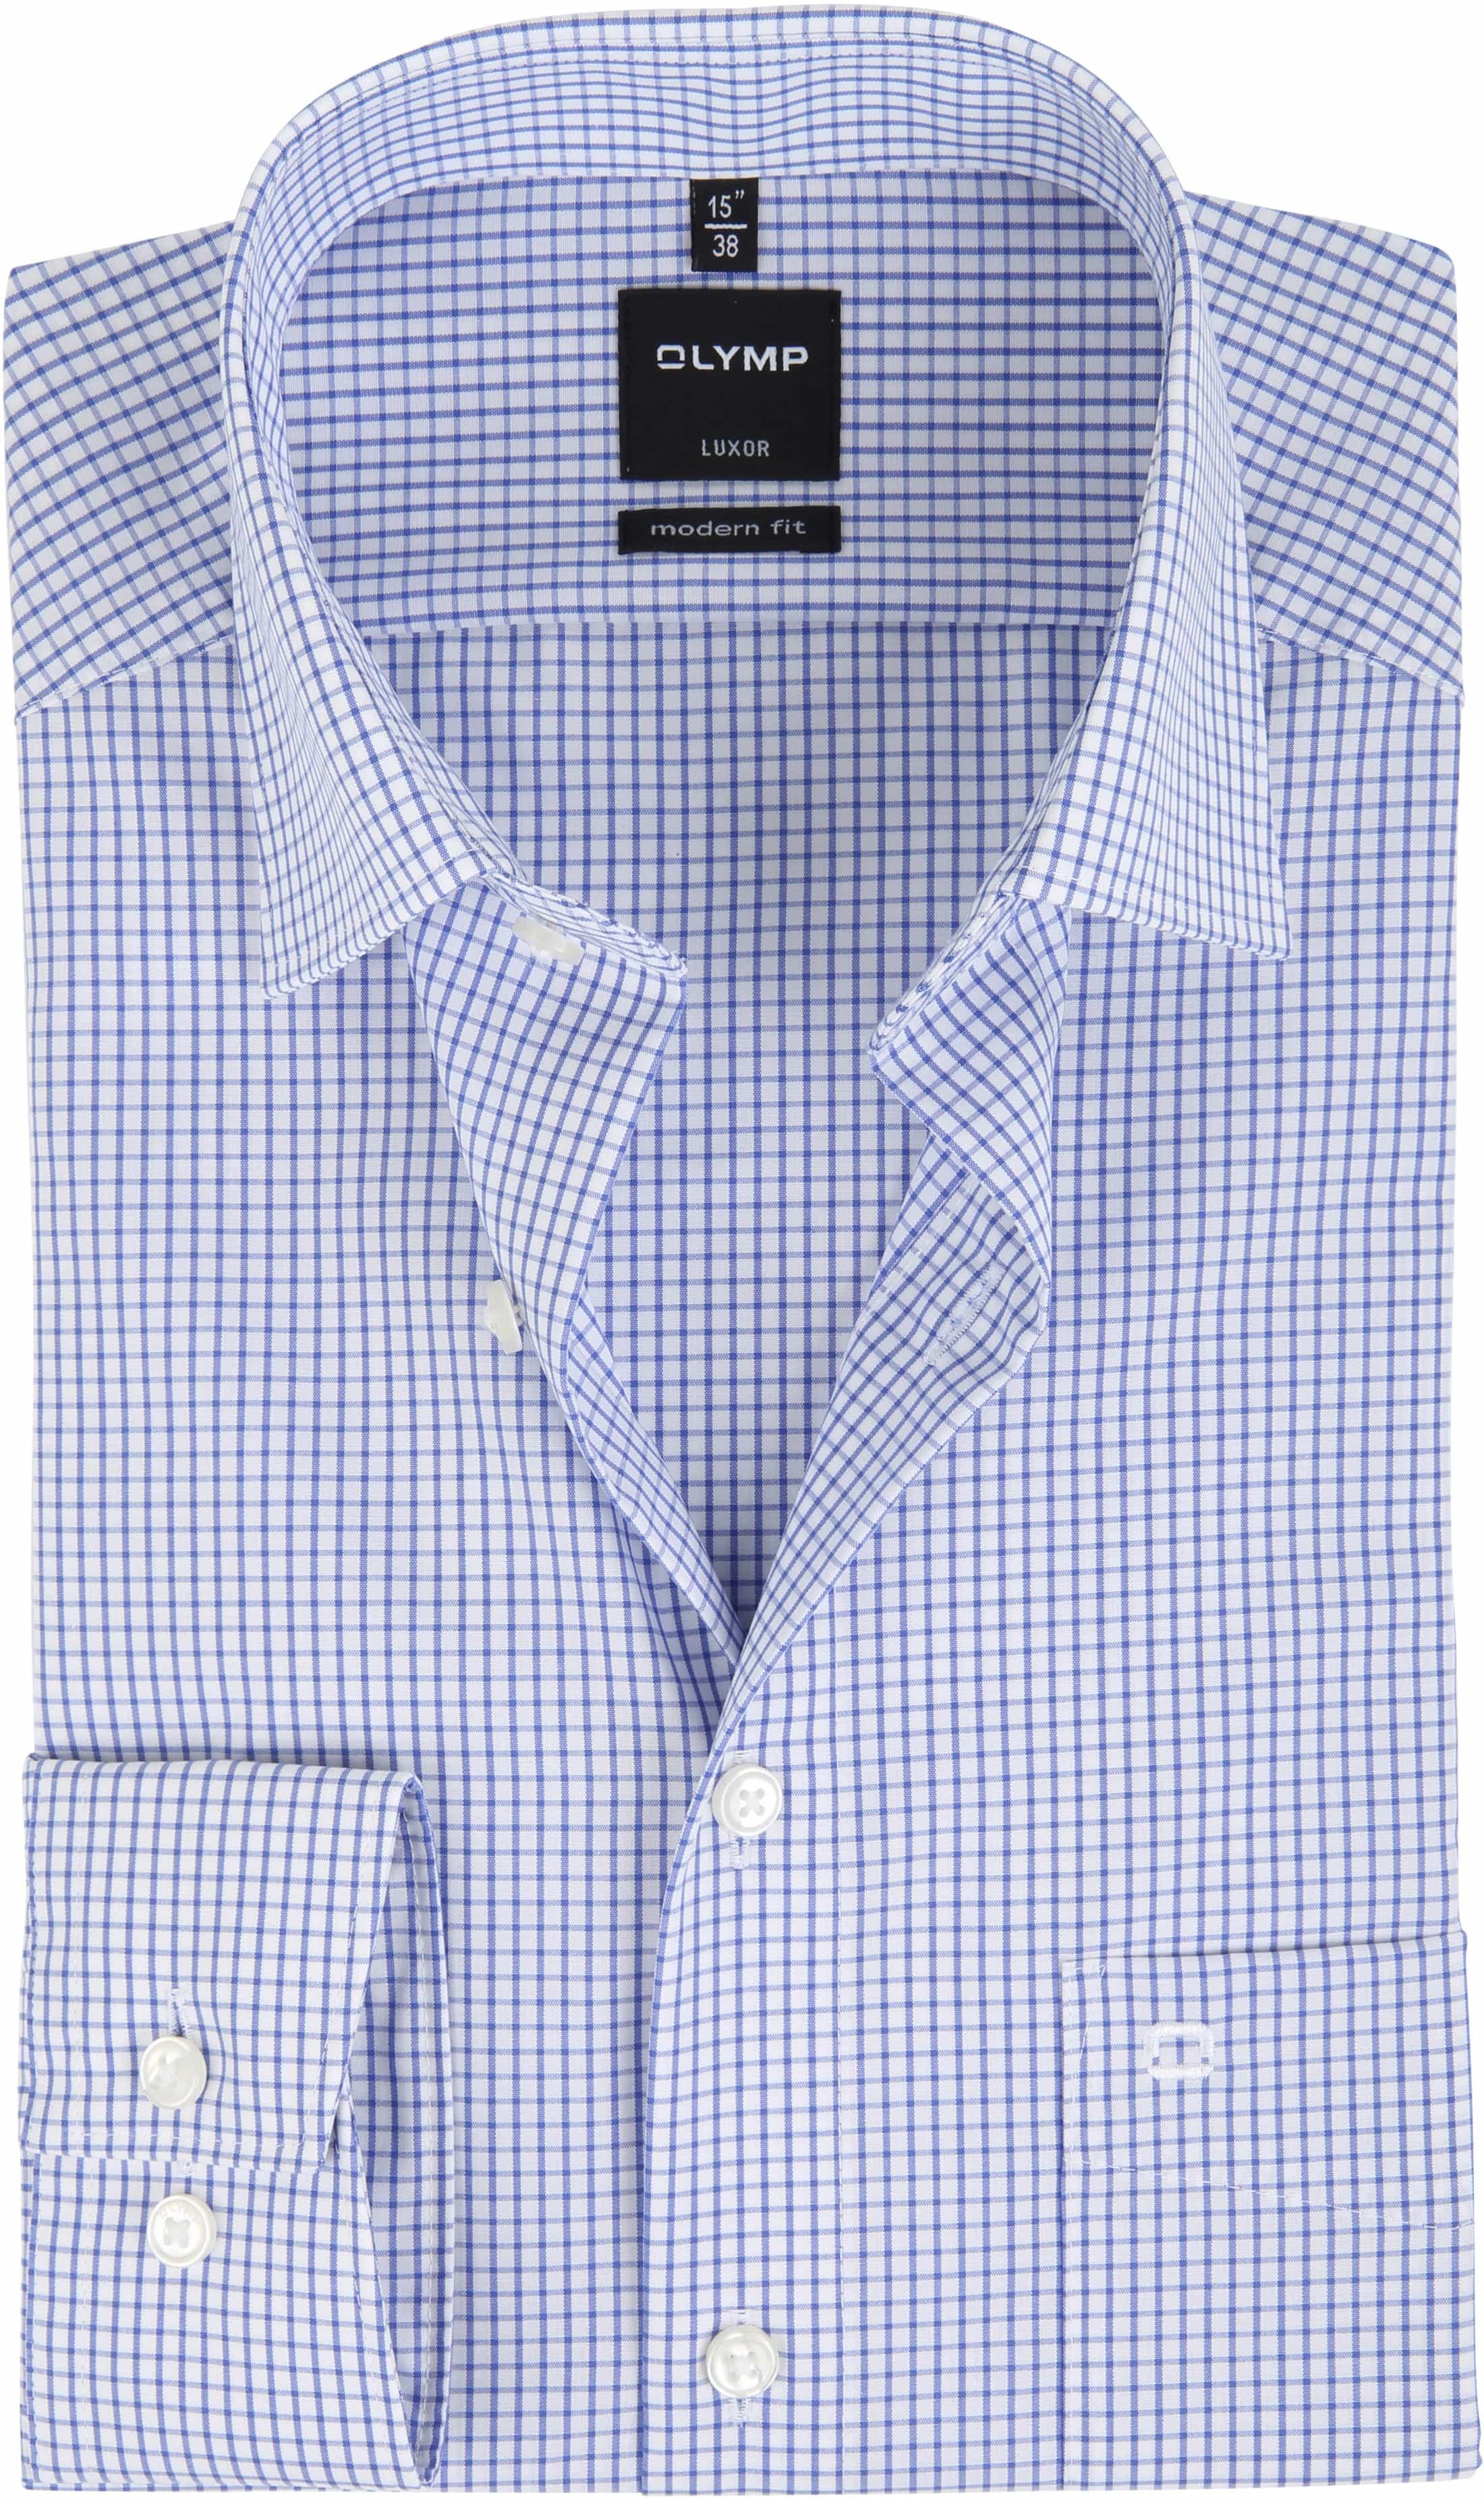 olymp luxor overhemd slim line blue check 032864. Black Bedroom Furniture Sets. Home Design Ideas